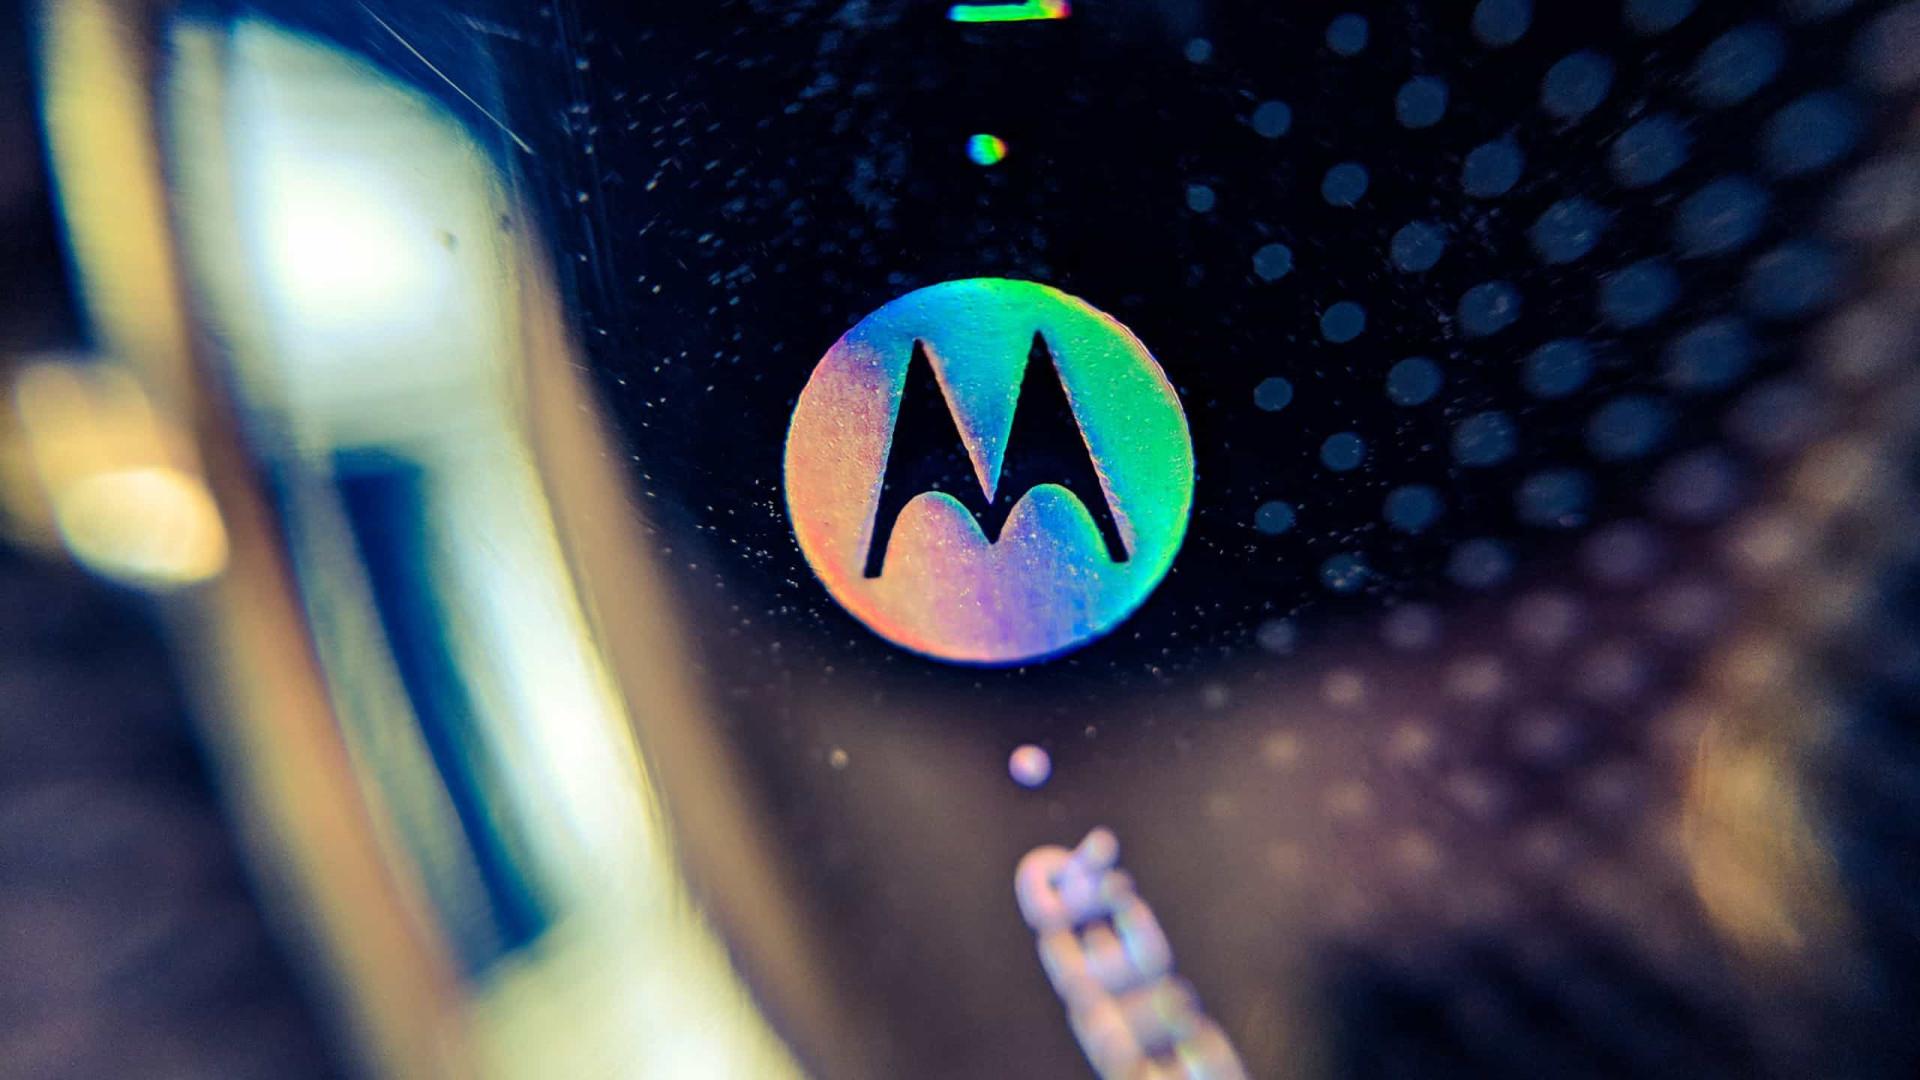 Maior bateria, melhores câmeras e 5G. As novidades do Motorola Razr